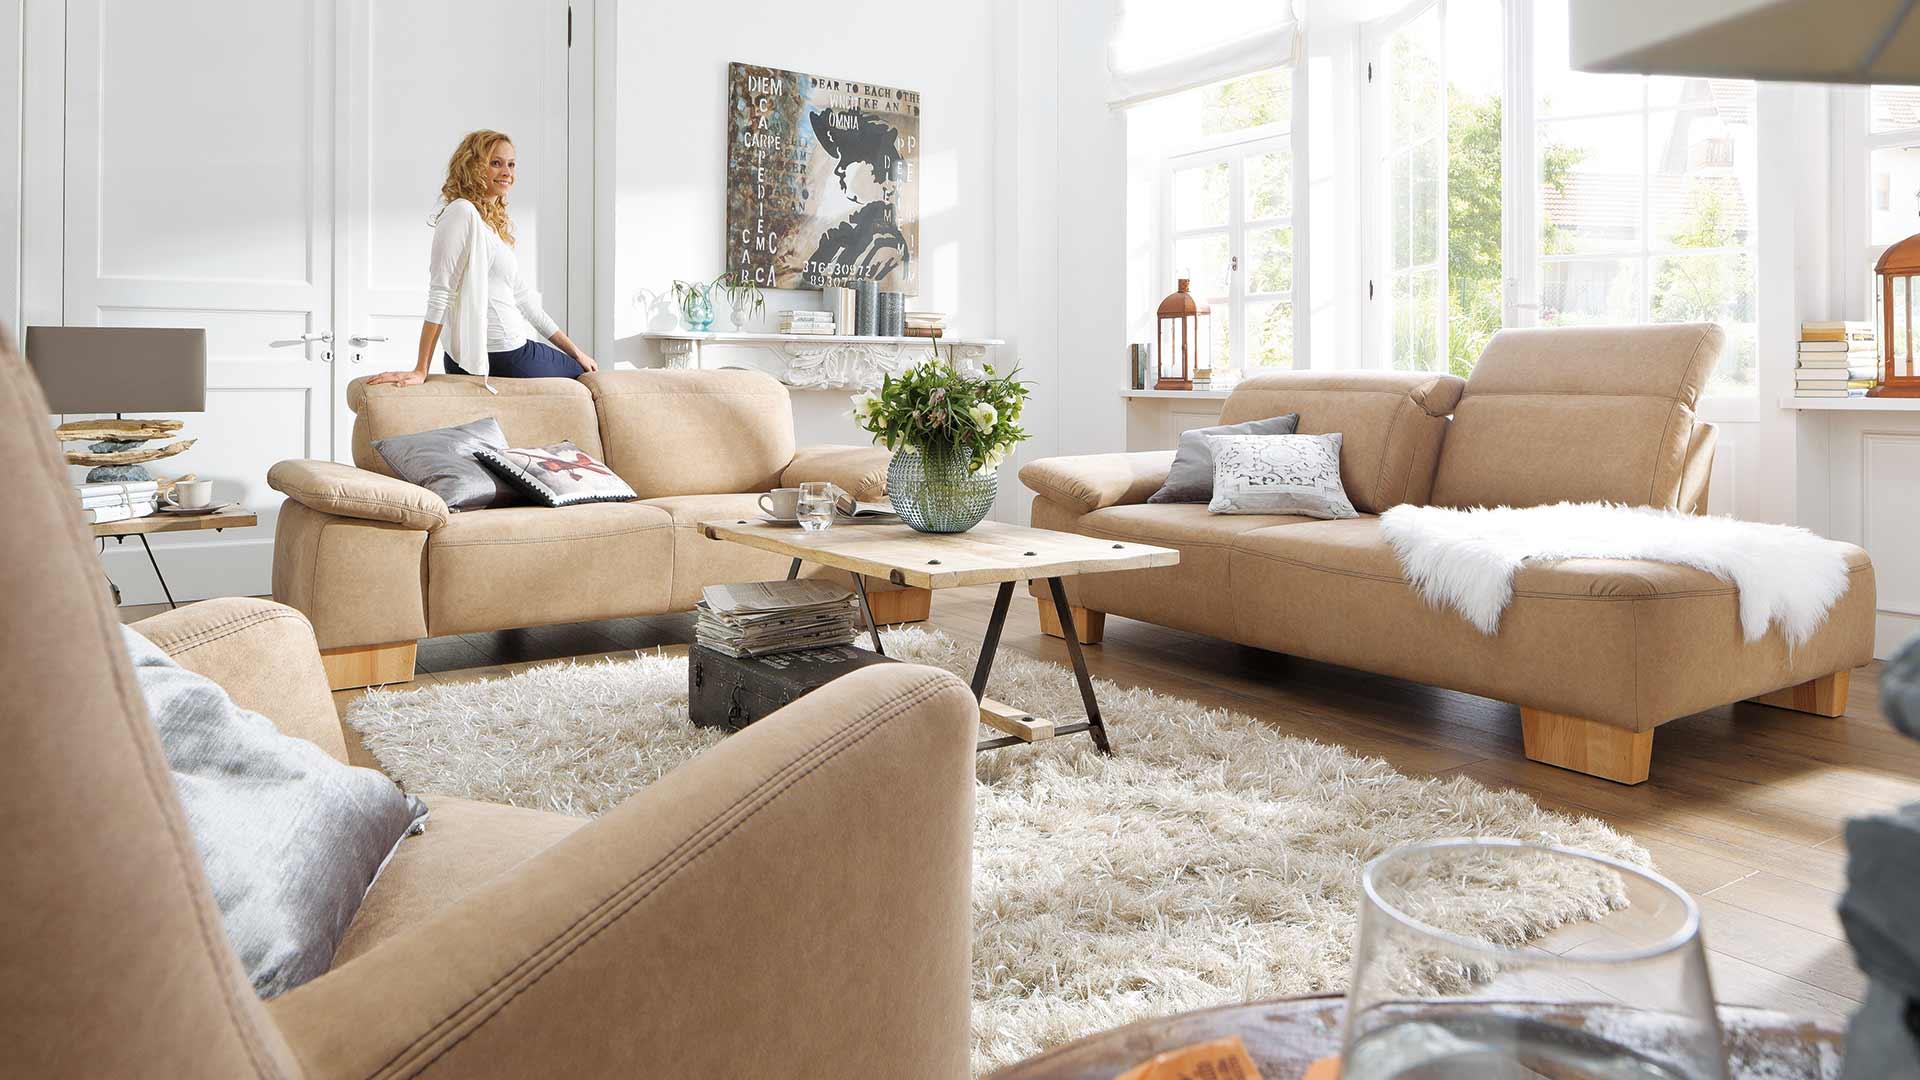 natura 6260 von natura einrichten in moormerland ot warsingsfehn nahe leer ostfriesland. Black Bedroom Furniture Sets. Home Design Ideas